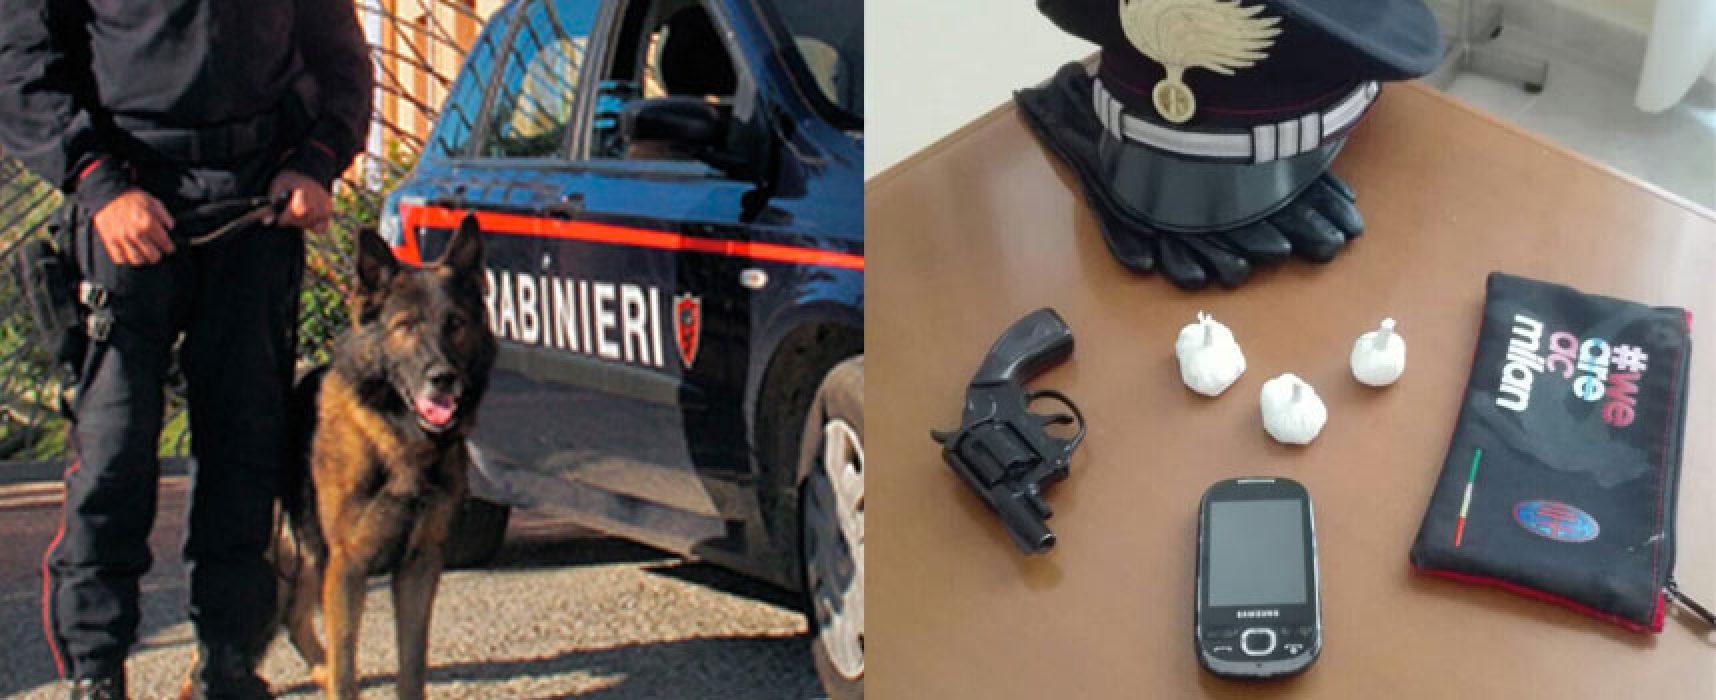 Pistola clandestina e cocaina in casa, arrestata giovane biscegliese